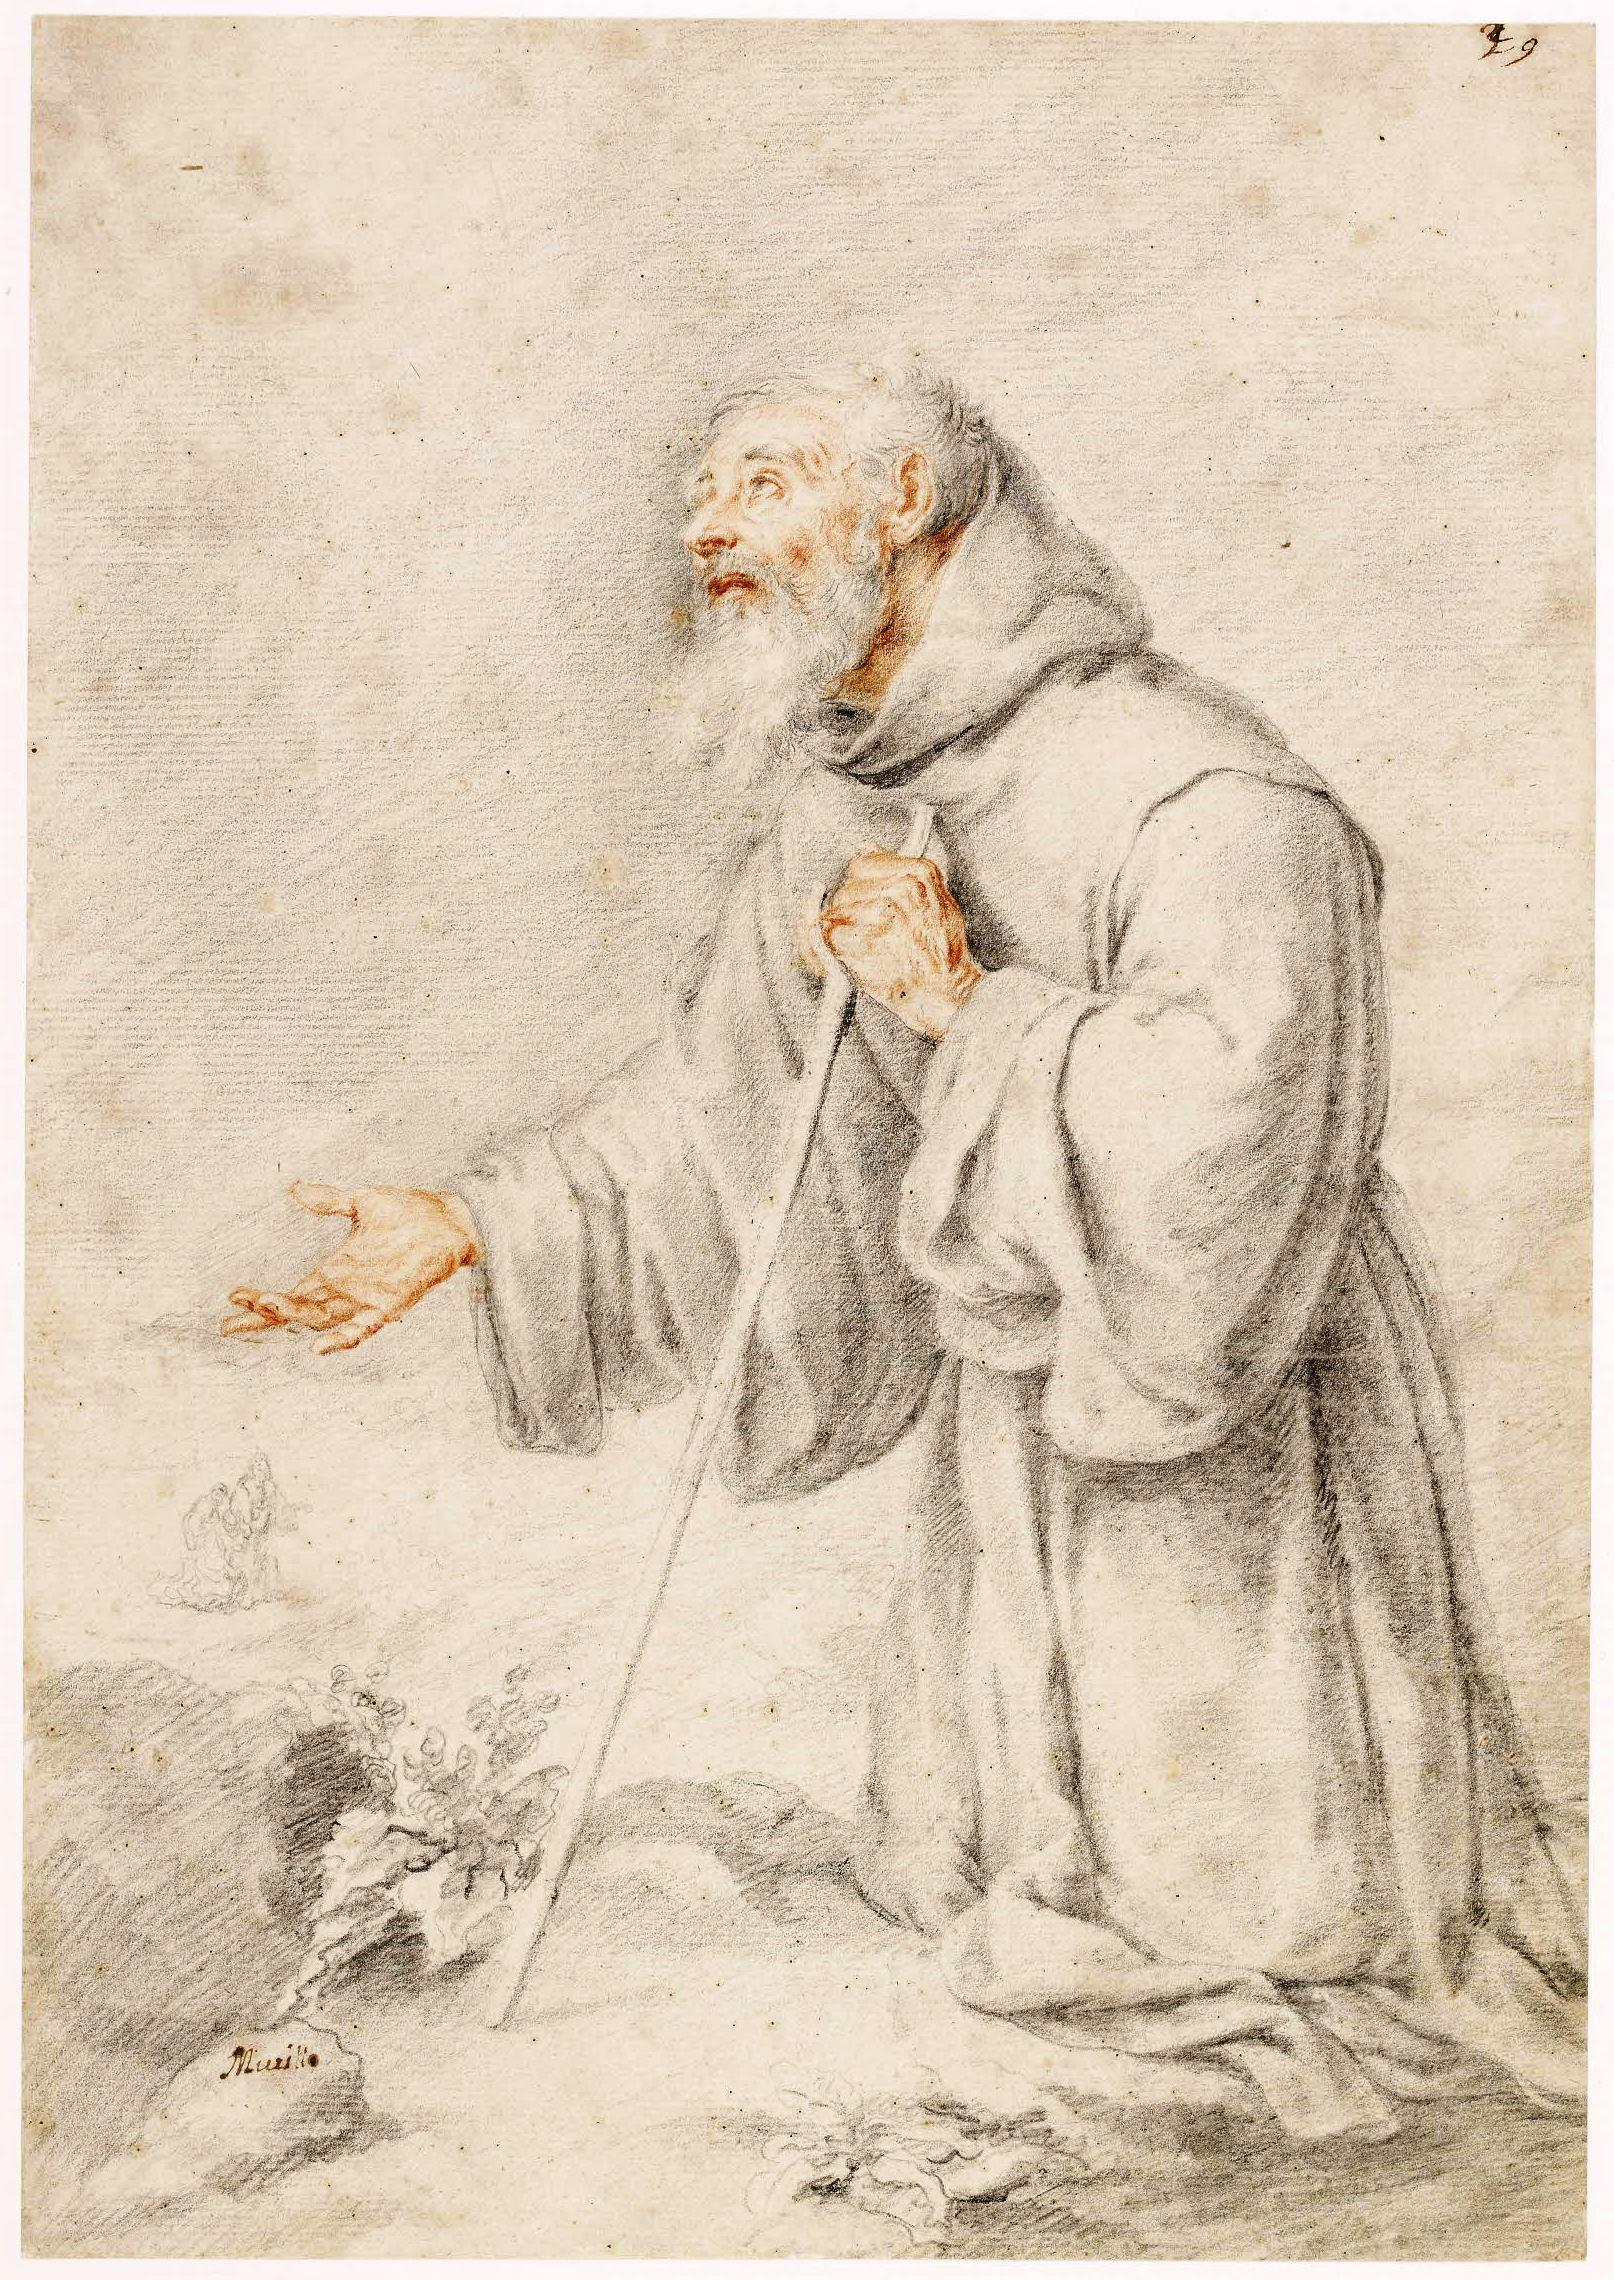 Zeichnung von Bartolomé Esteban Murillo, um 1670, ©Trustees of the British Museum (CC BY-NC-SA 4.0)